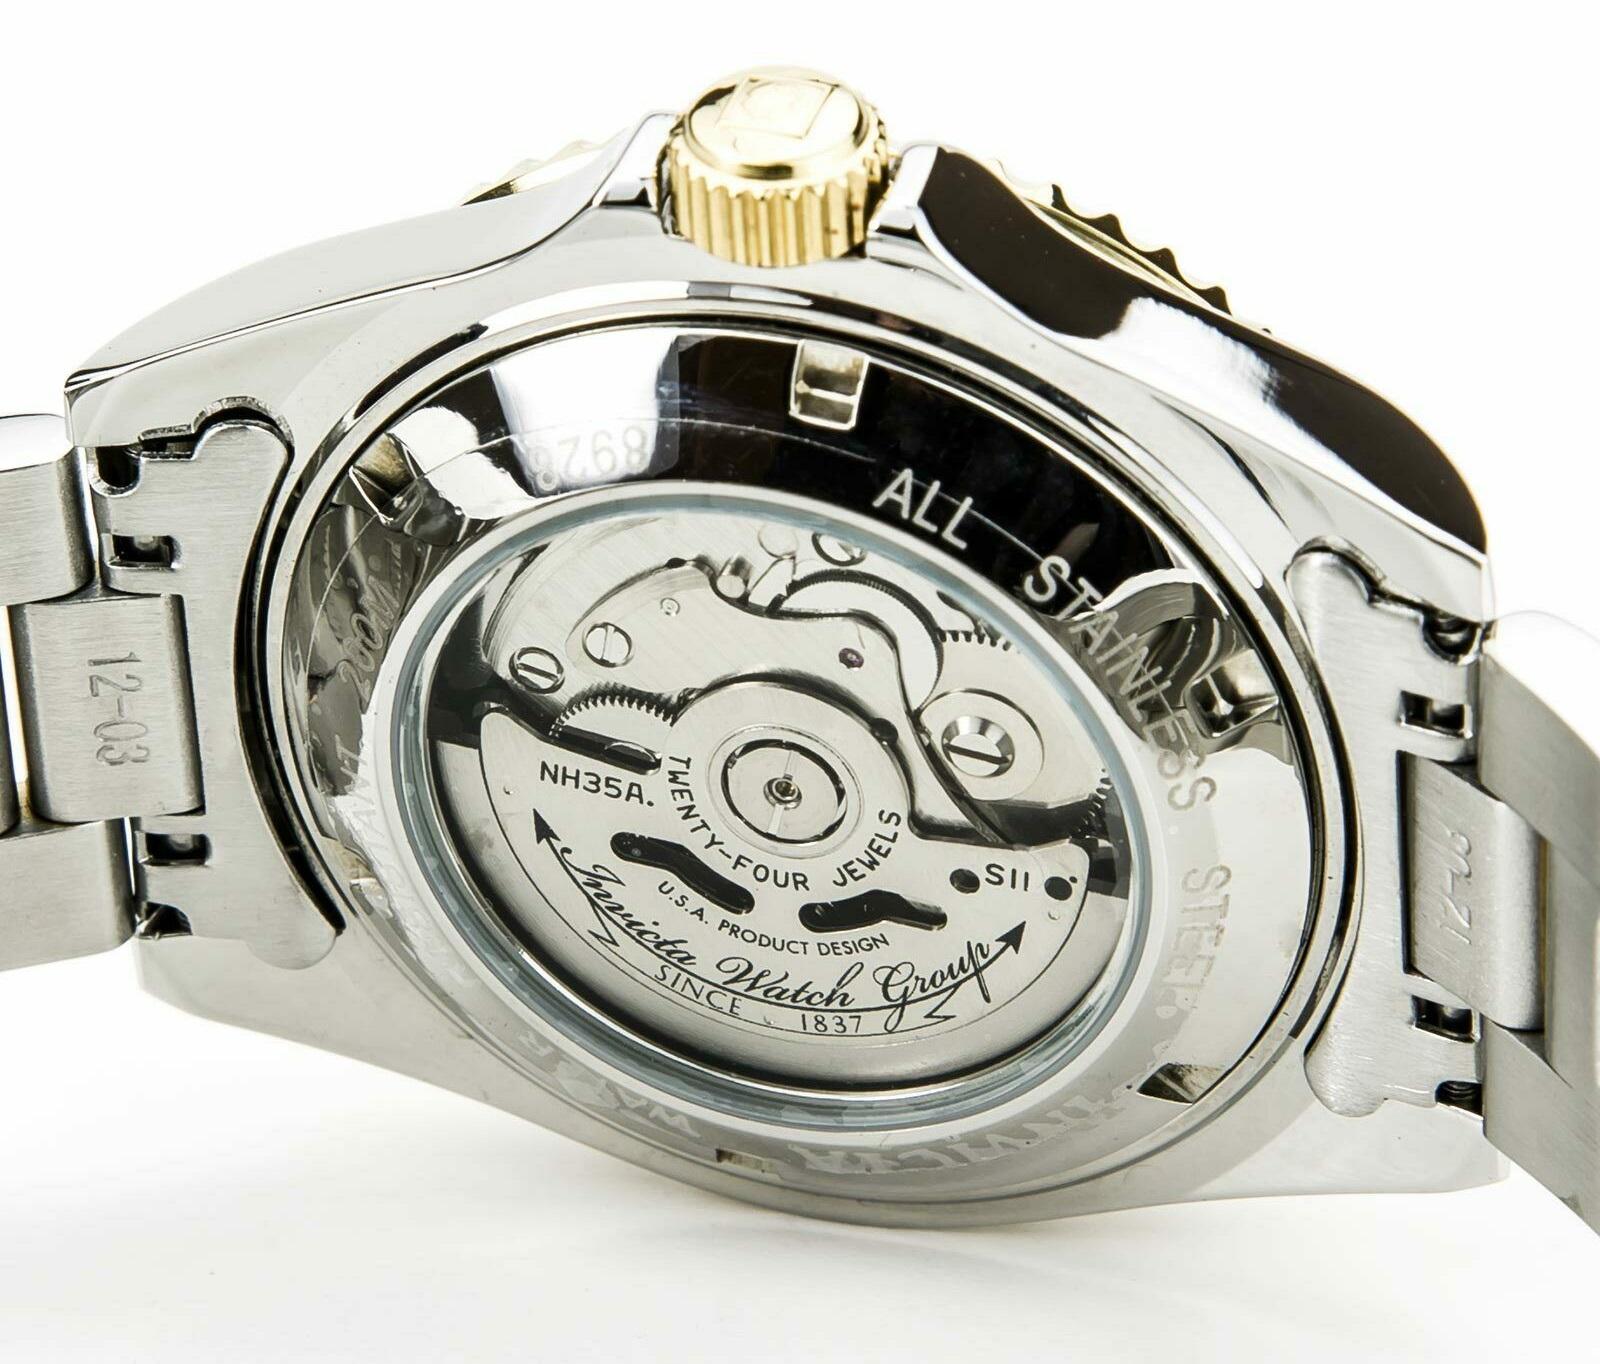 Jak fungují automatické hodinky?